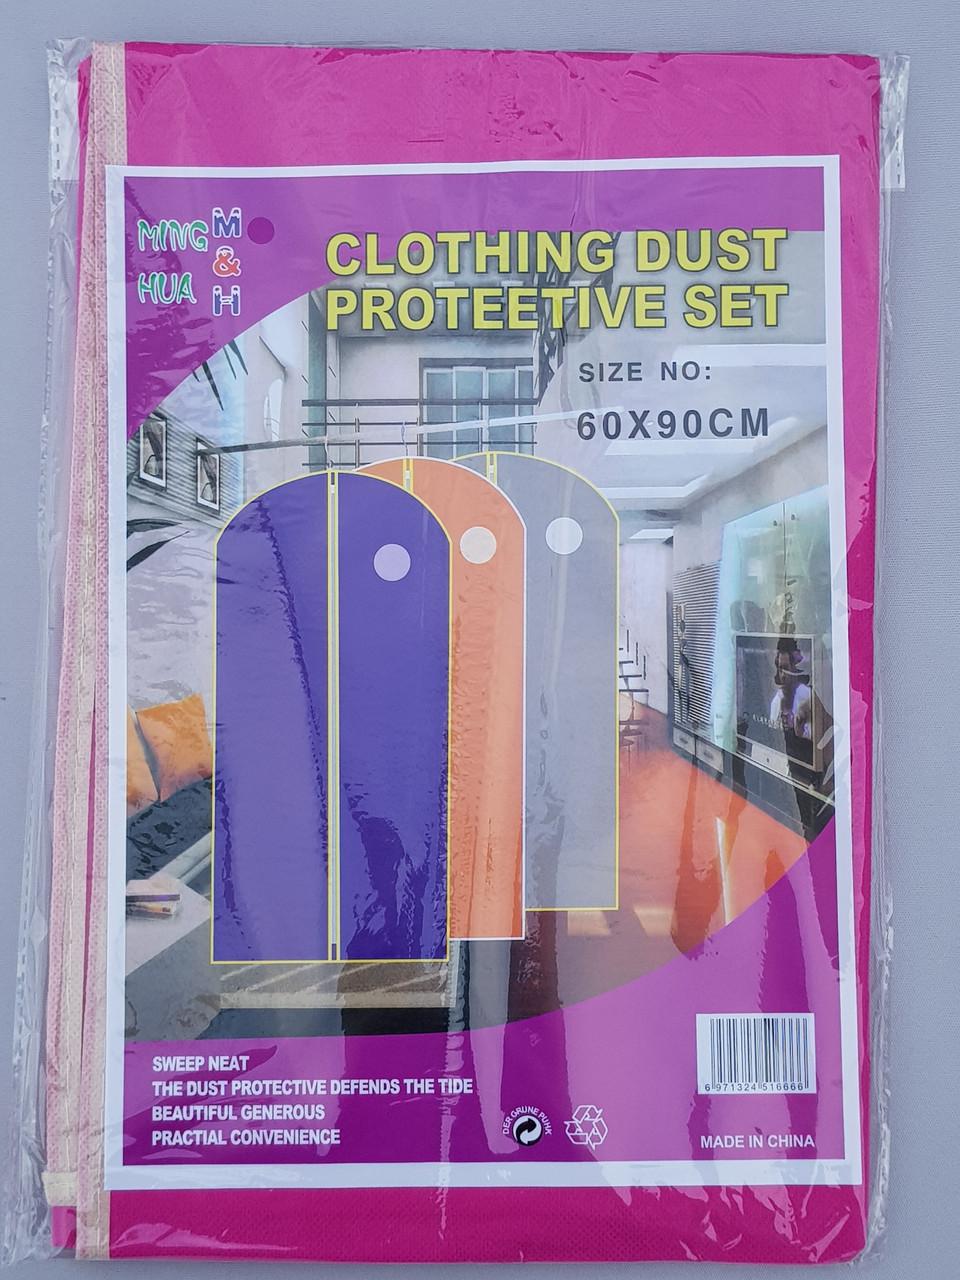 Чехол для хранения и упаковки одежды  на молнии флизелиновый  розового цвета. Размер 60 см*90 см.